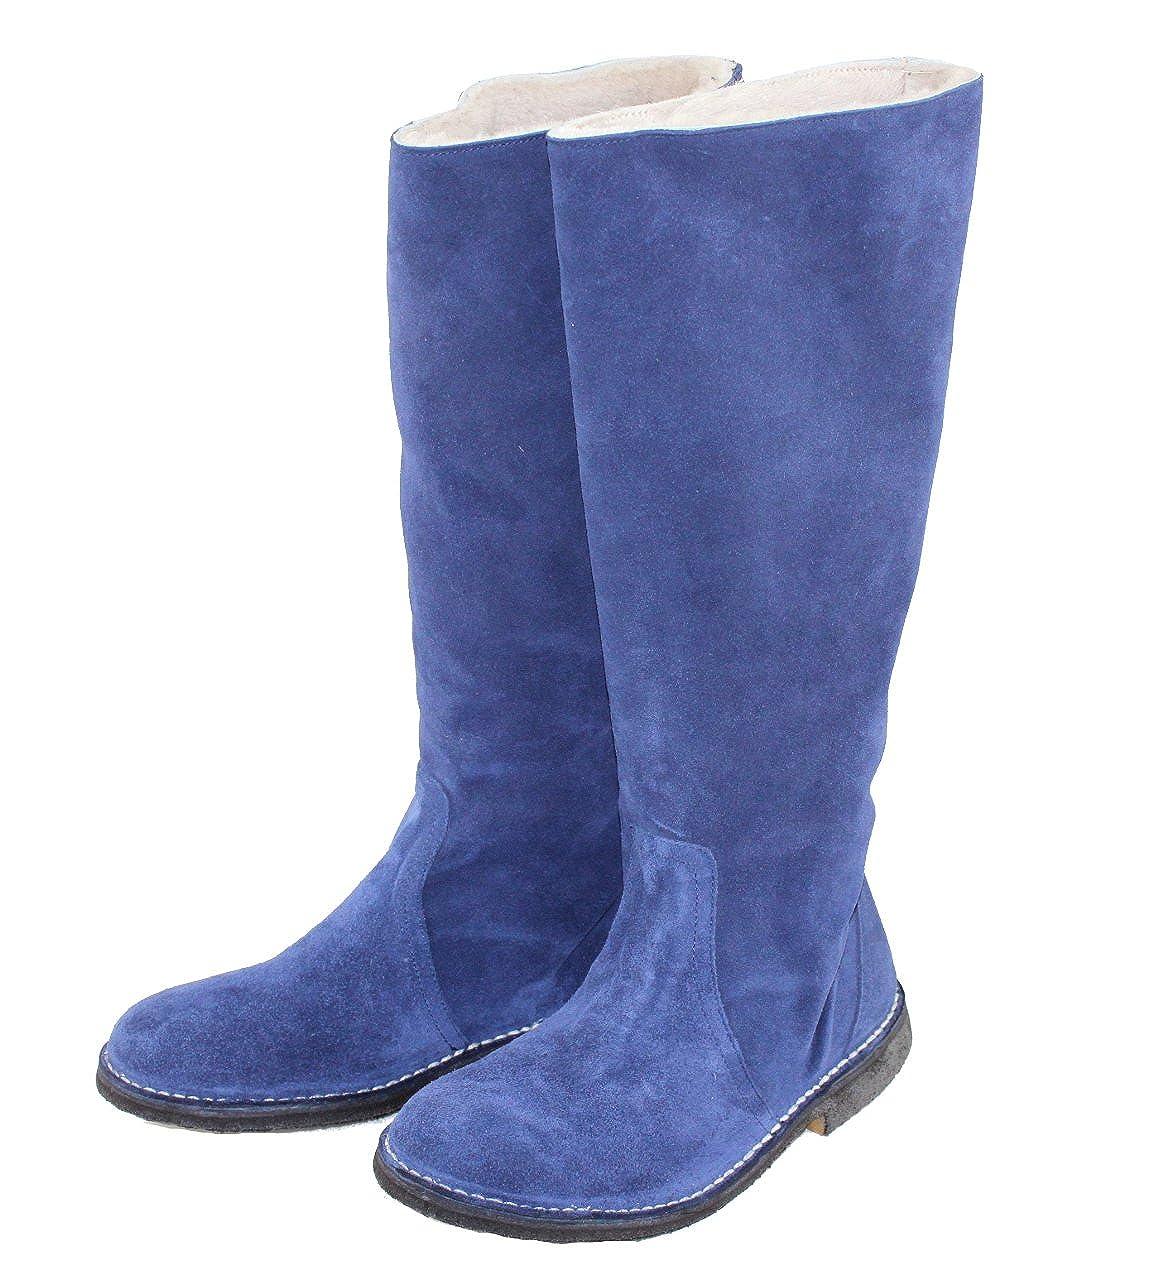 Delacroix Stiefel schuhe Leder hellblau Lammfell Winterstiefel Damenstiefel 2202 hellblau Leder weiß 15d666